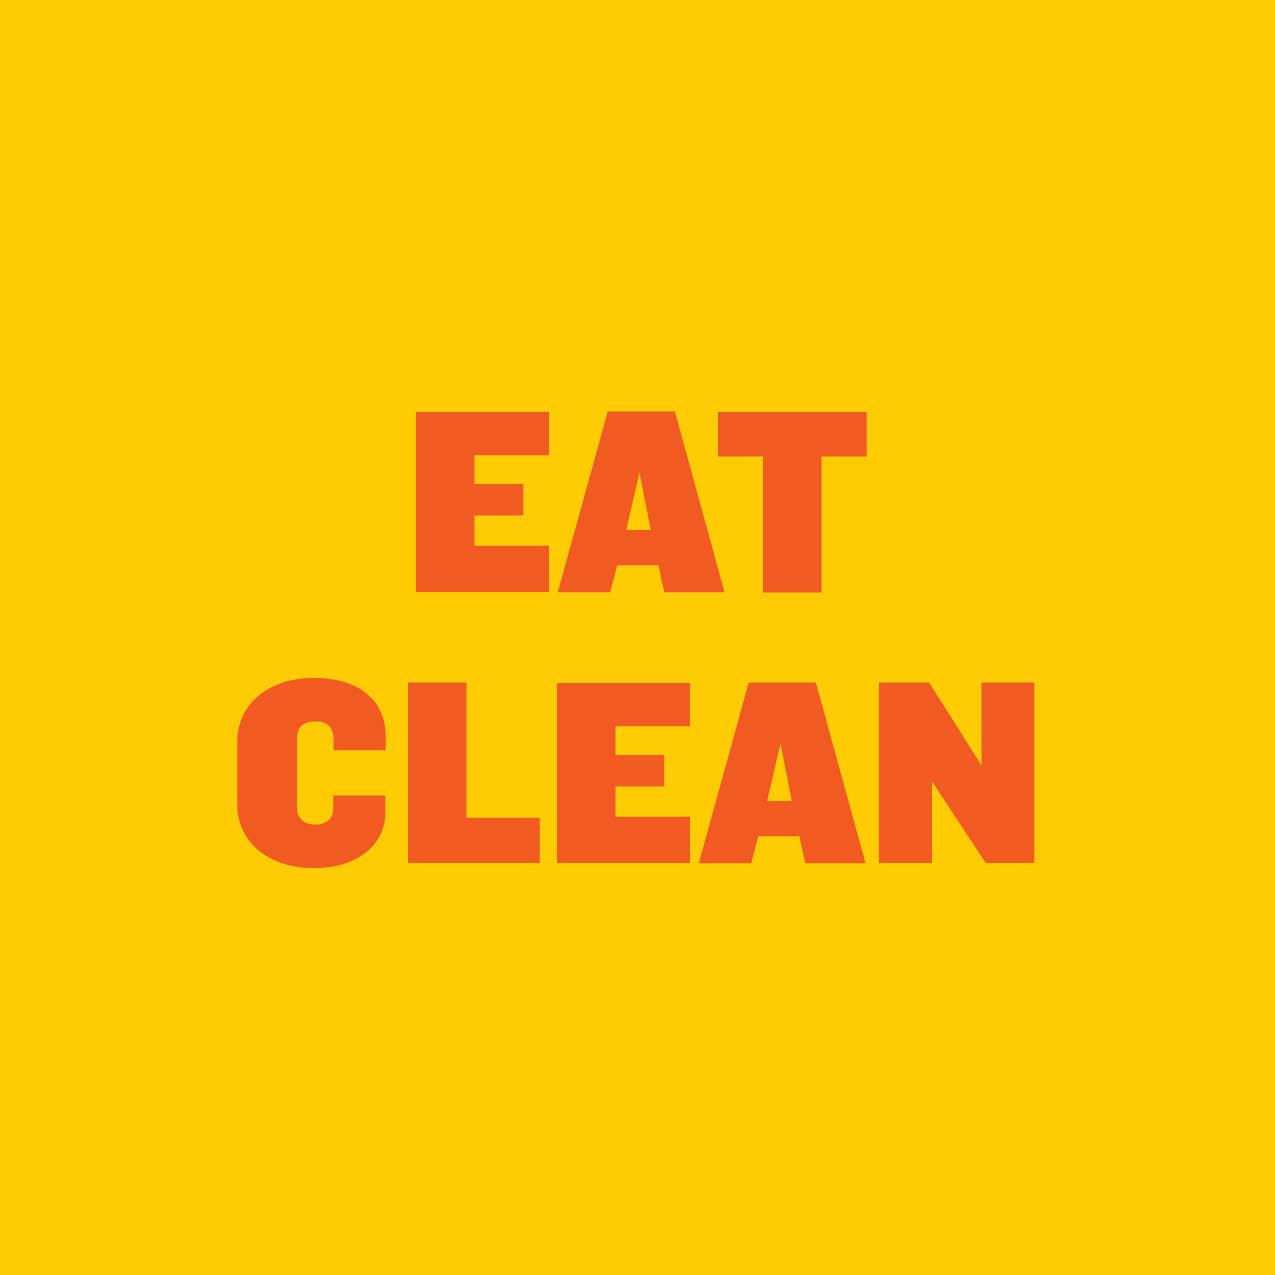 Eat Clean.jpg